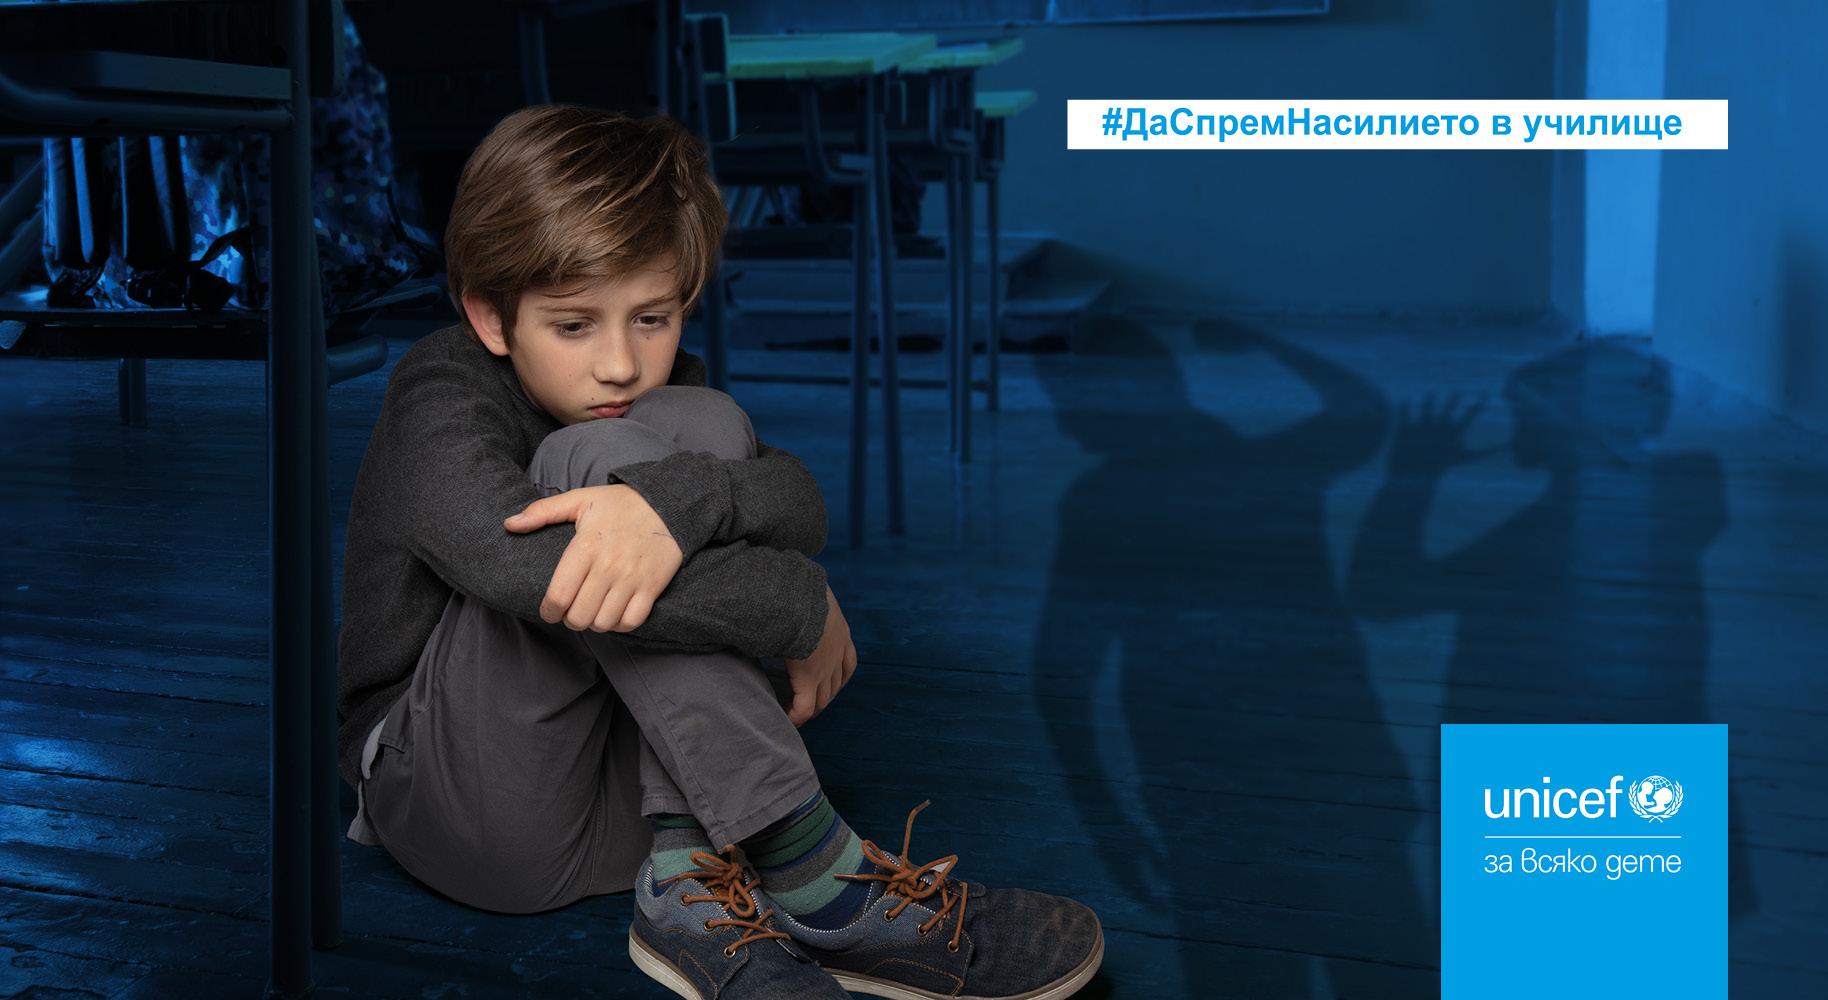 """Джой Фешън подкрепя кампанията на УНИЦЕФ """"Заедно срещу насилието в училище"""""""